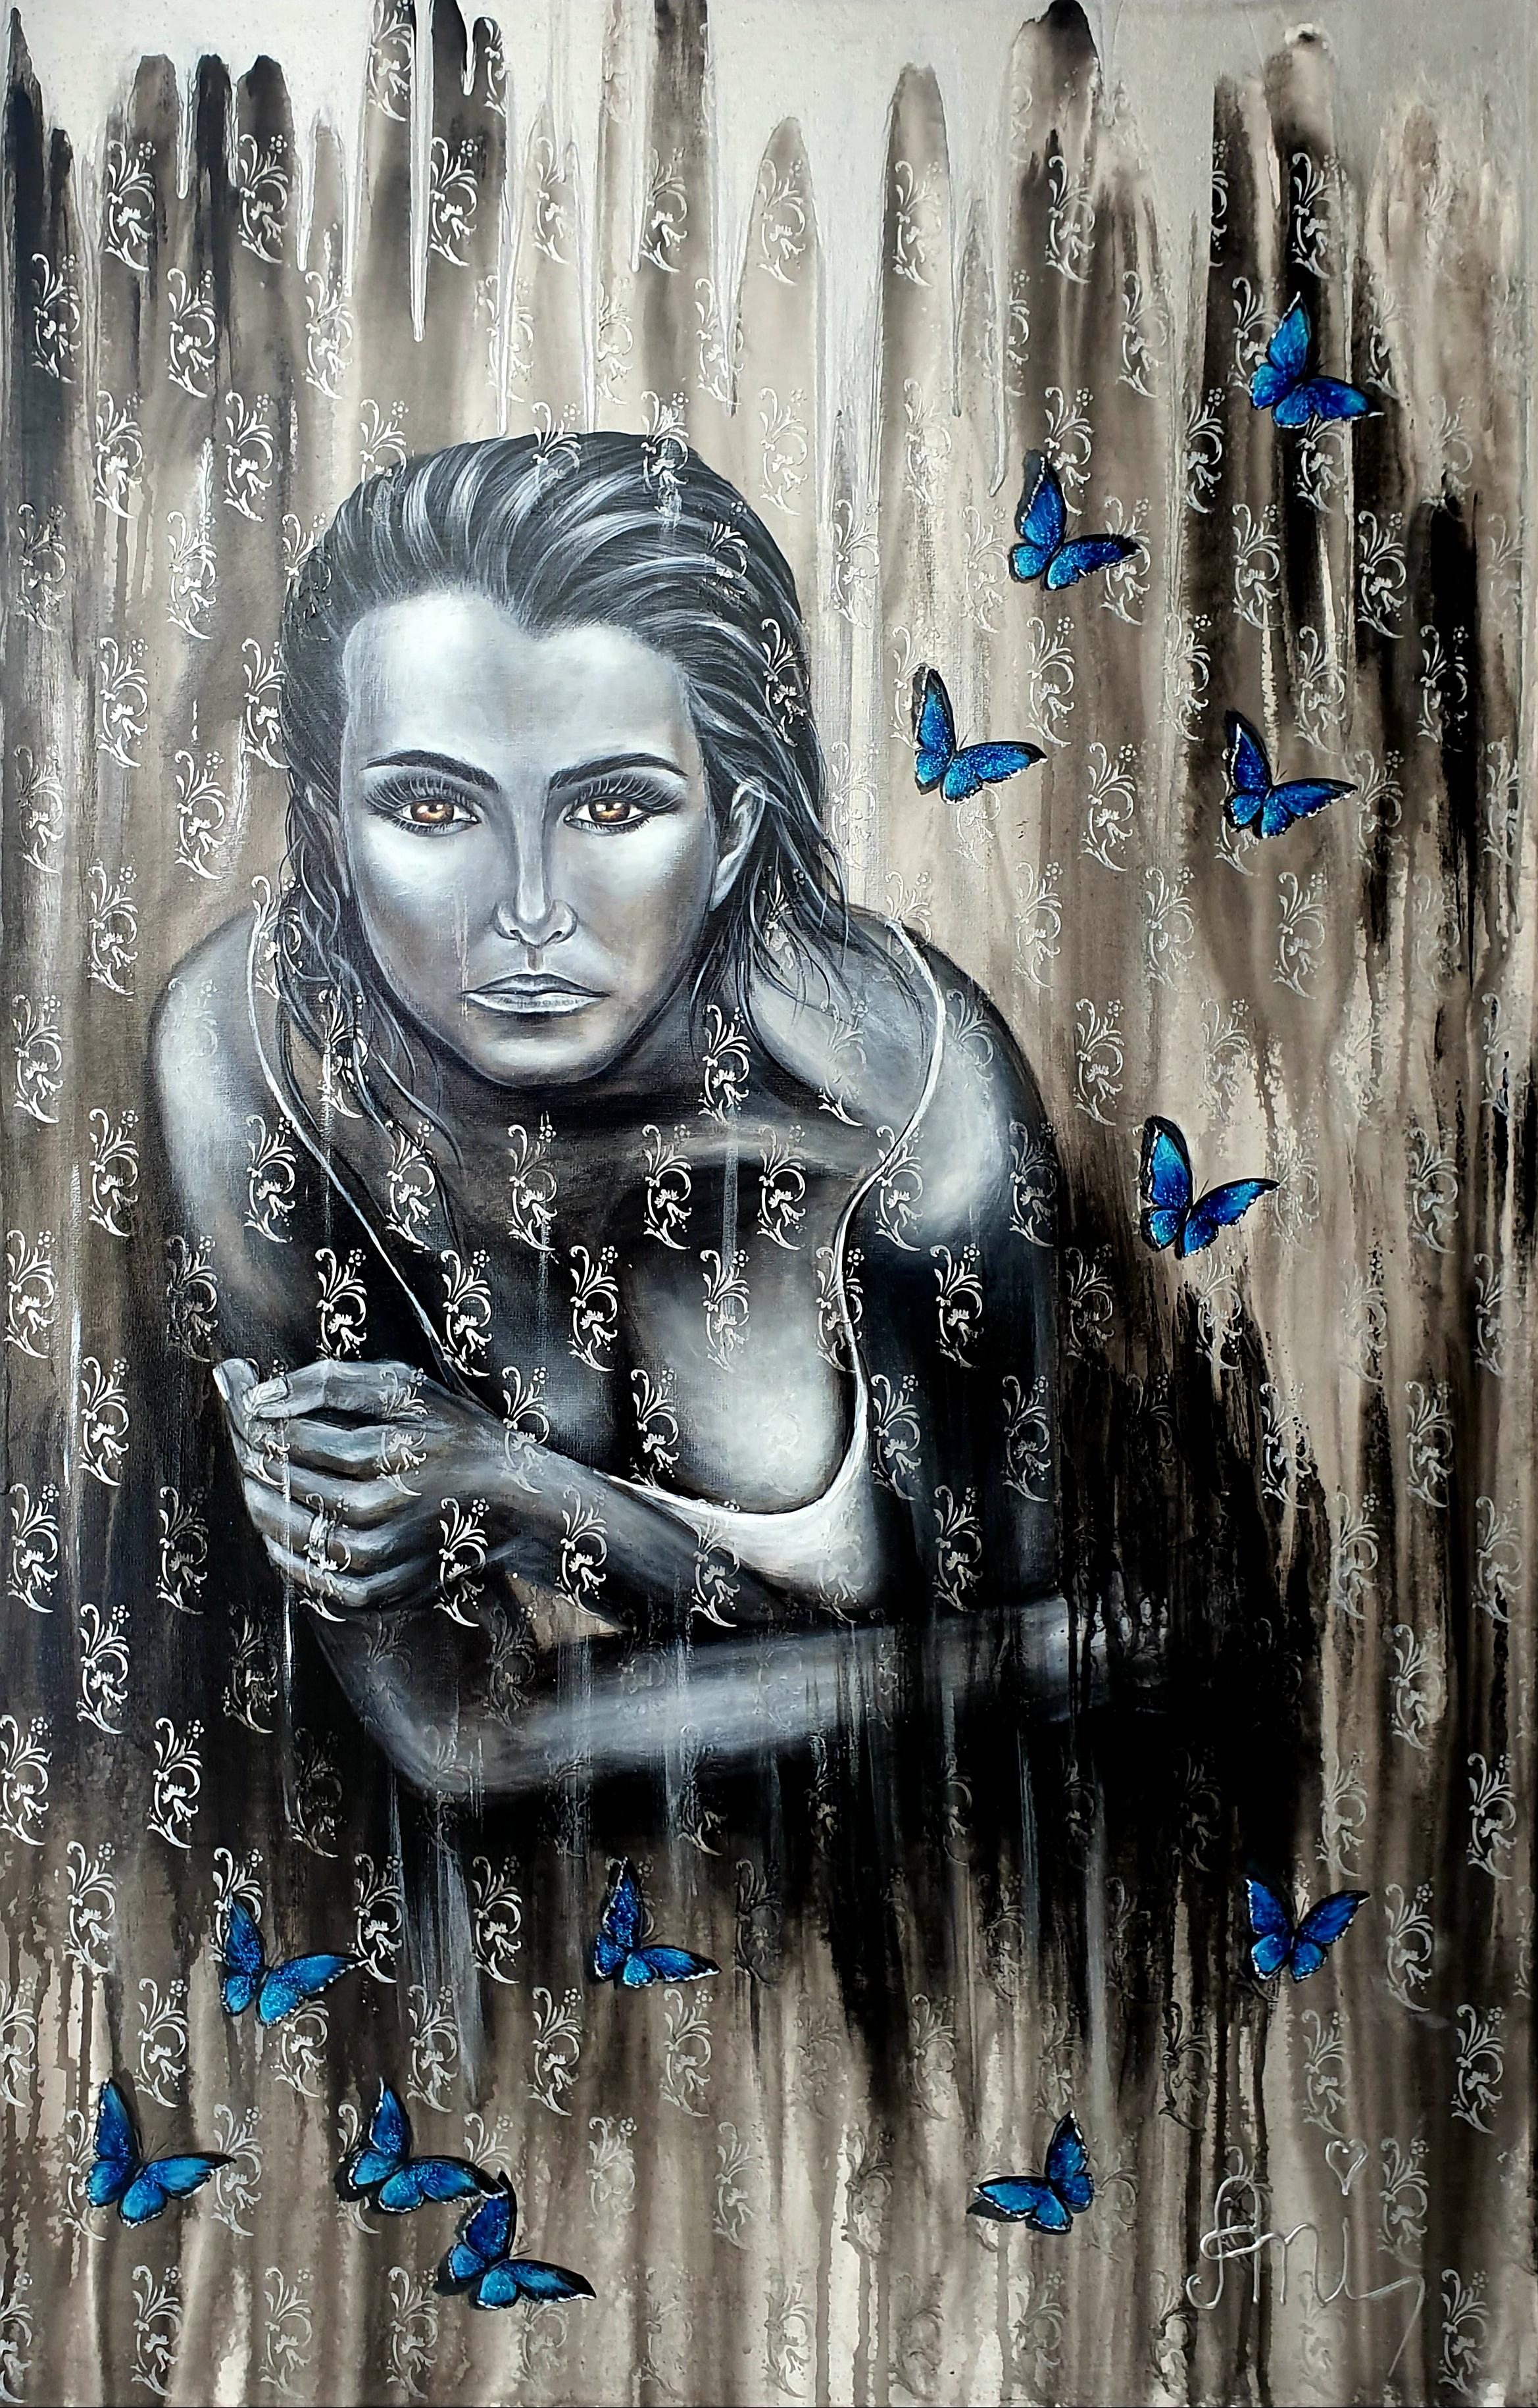 La sensualité:  Peinture acrylique sur toile, 115cm x 75cm  Prix: 1250€ + frais de livraison